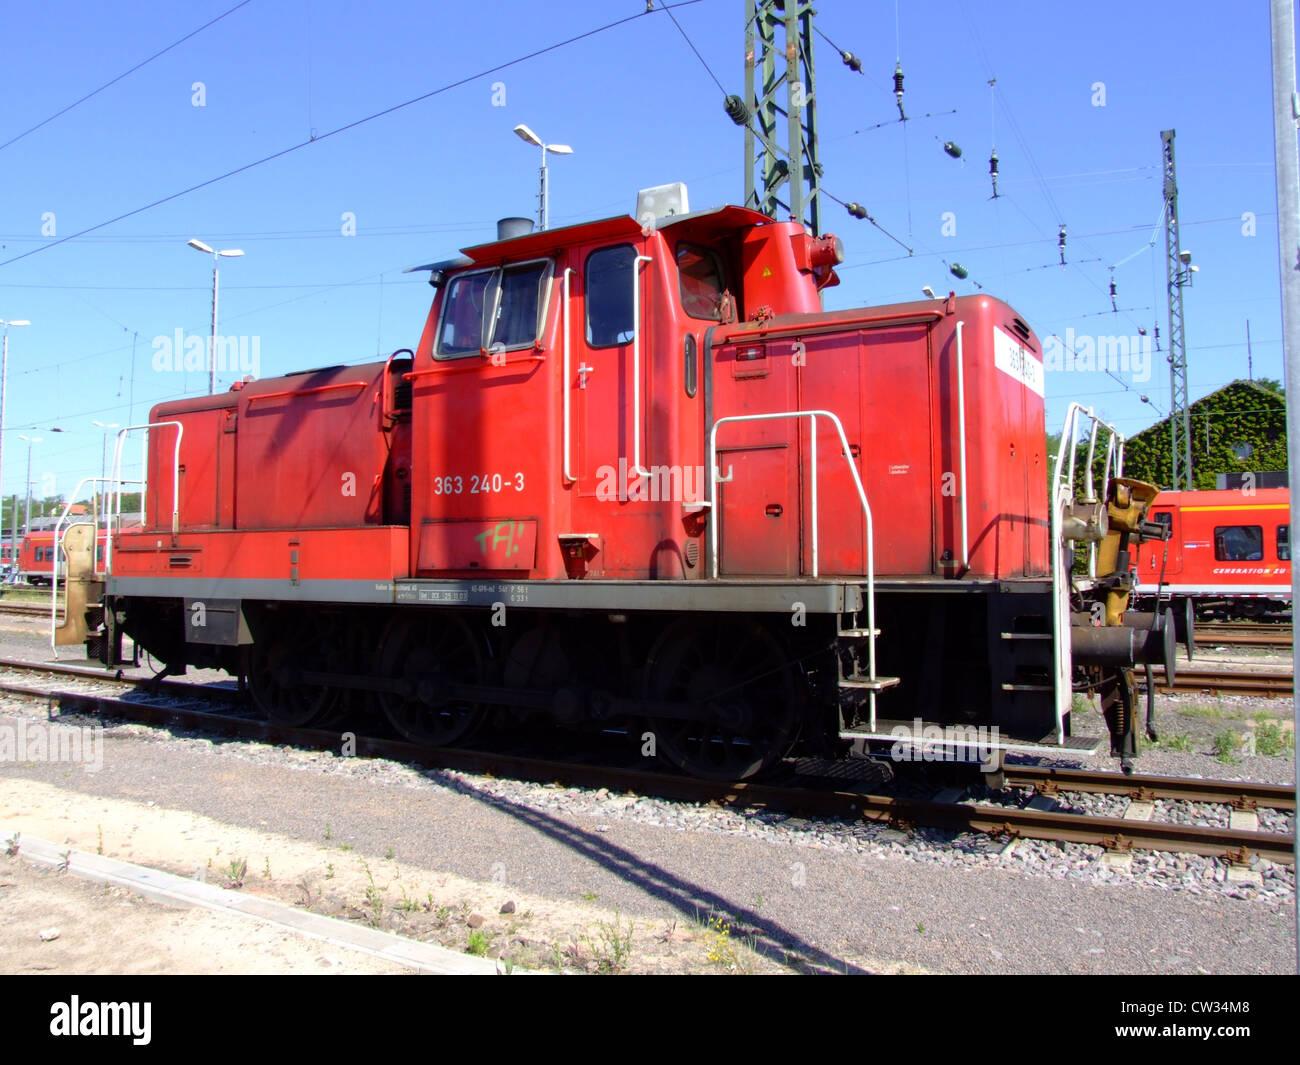 Diesel Locomotives Of Deutsche Bahn Db 363 240 3 At Saarbrücken